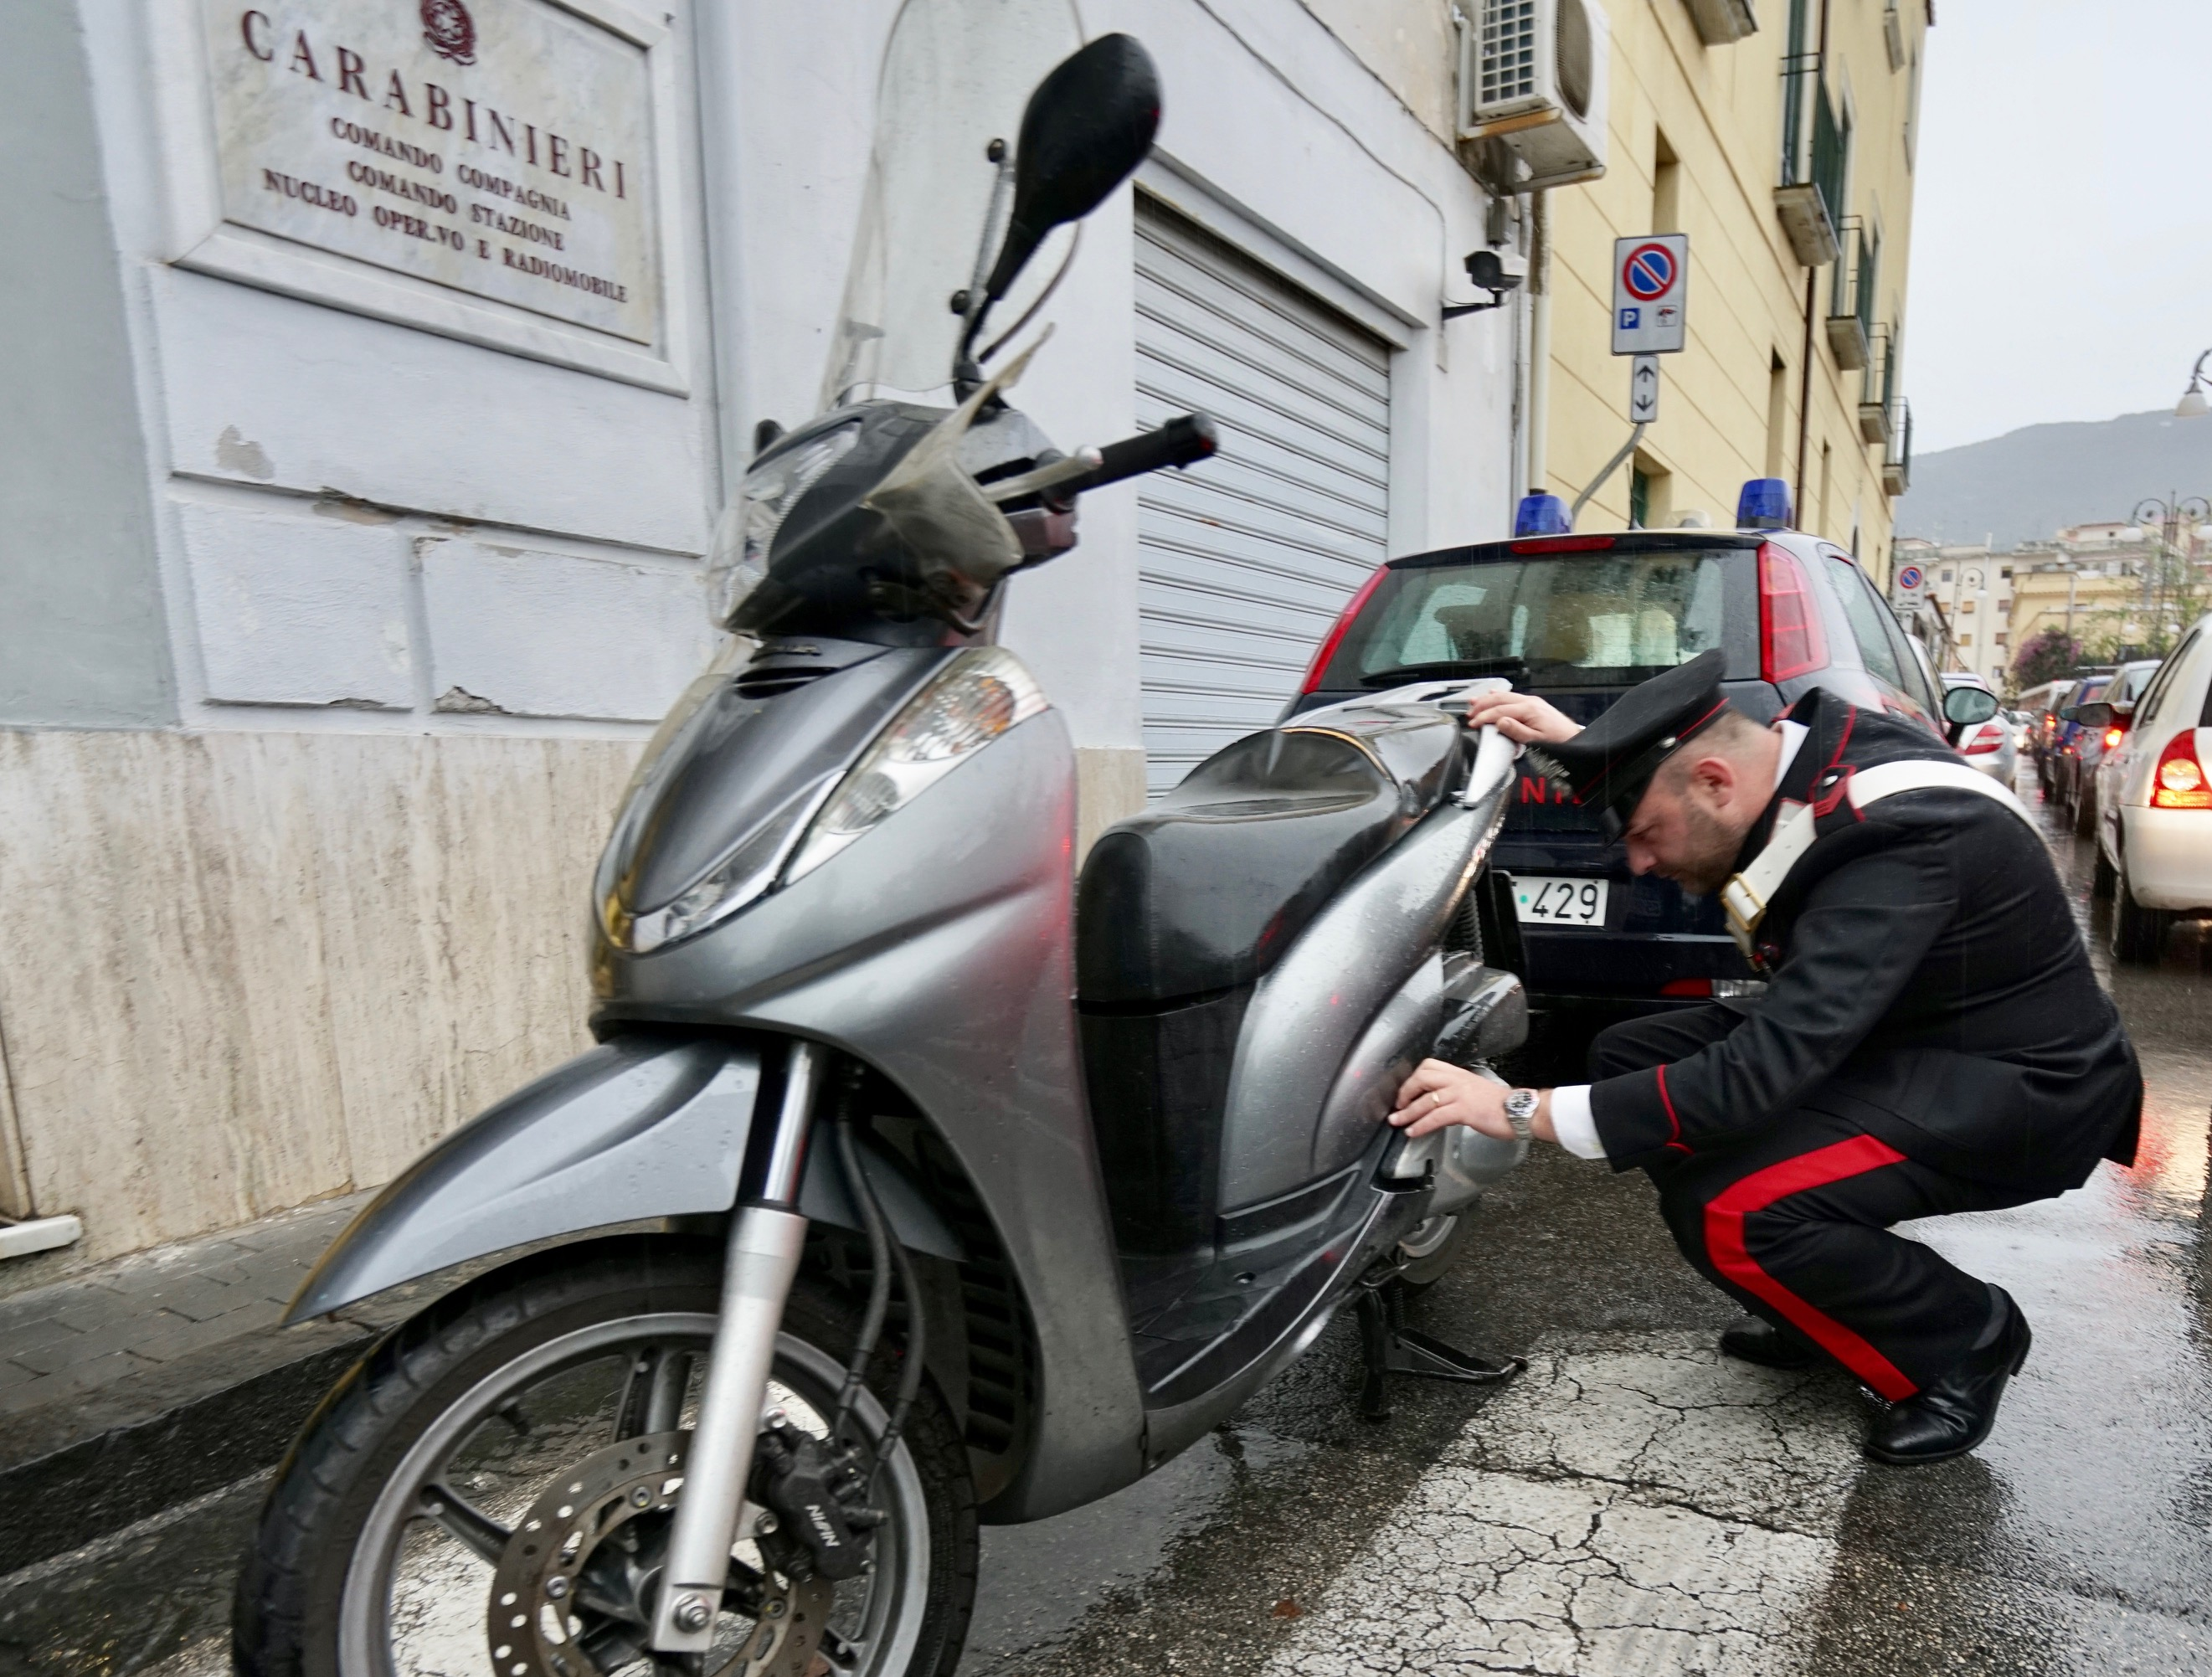 Solo 50 secondi per rubare uno scooter, arrestati due giovanissimi a Sorrento